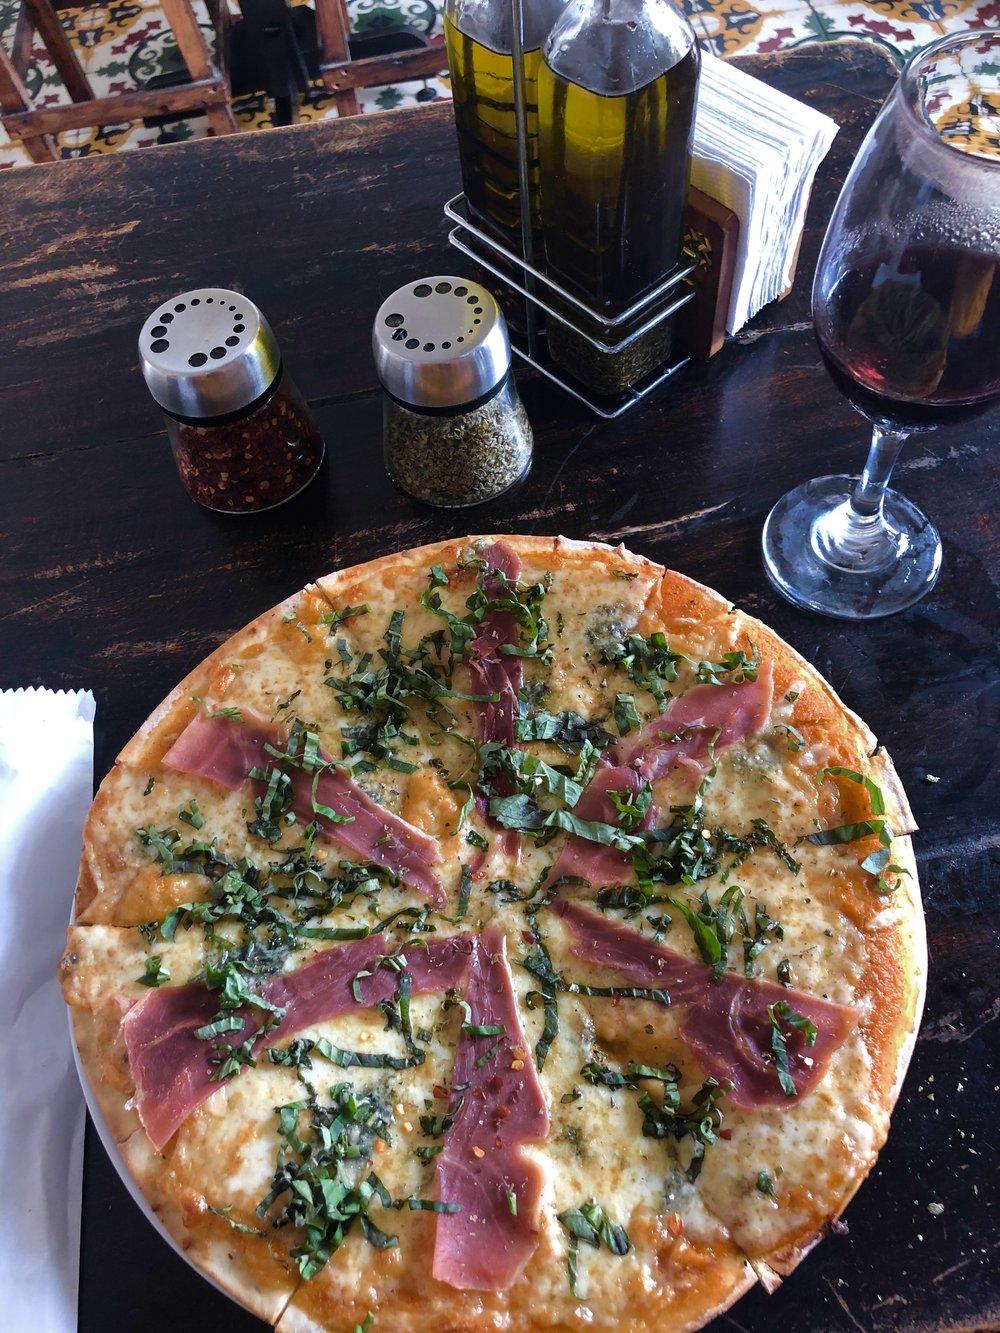 This gorgonzola pizza though >>>>>>